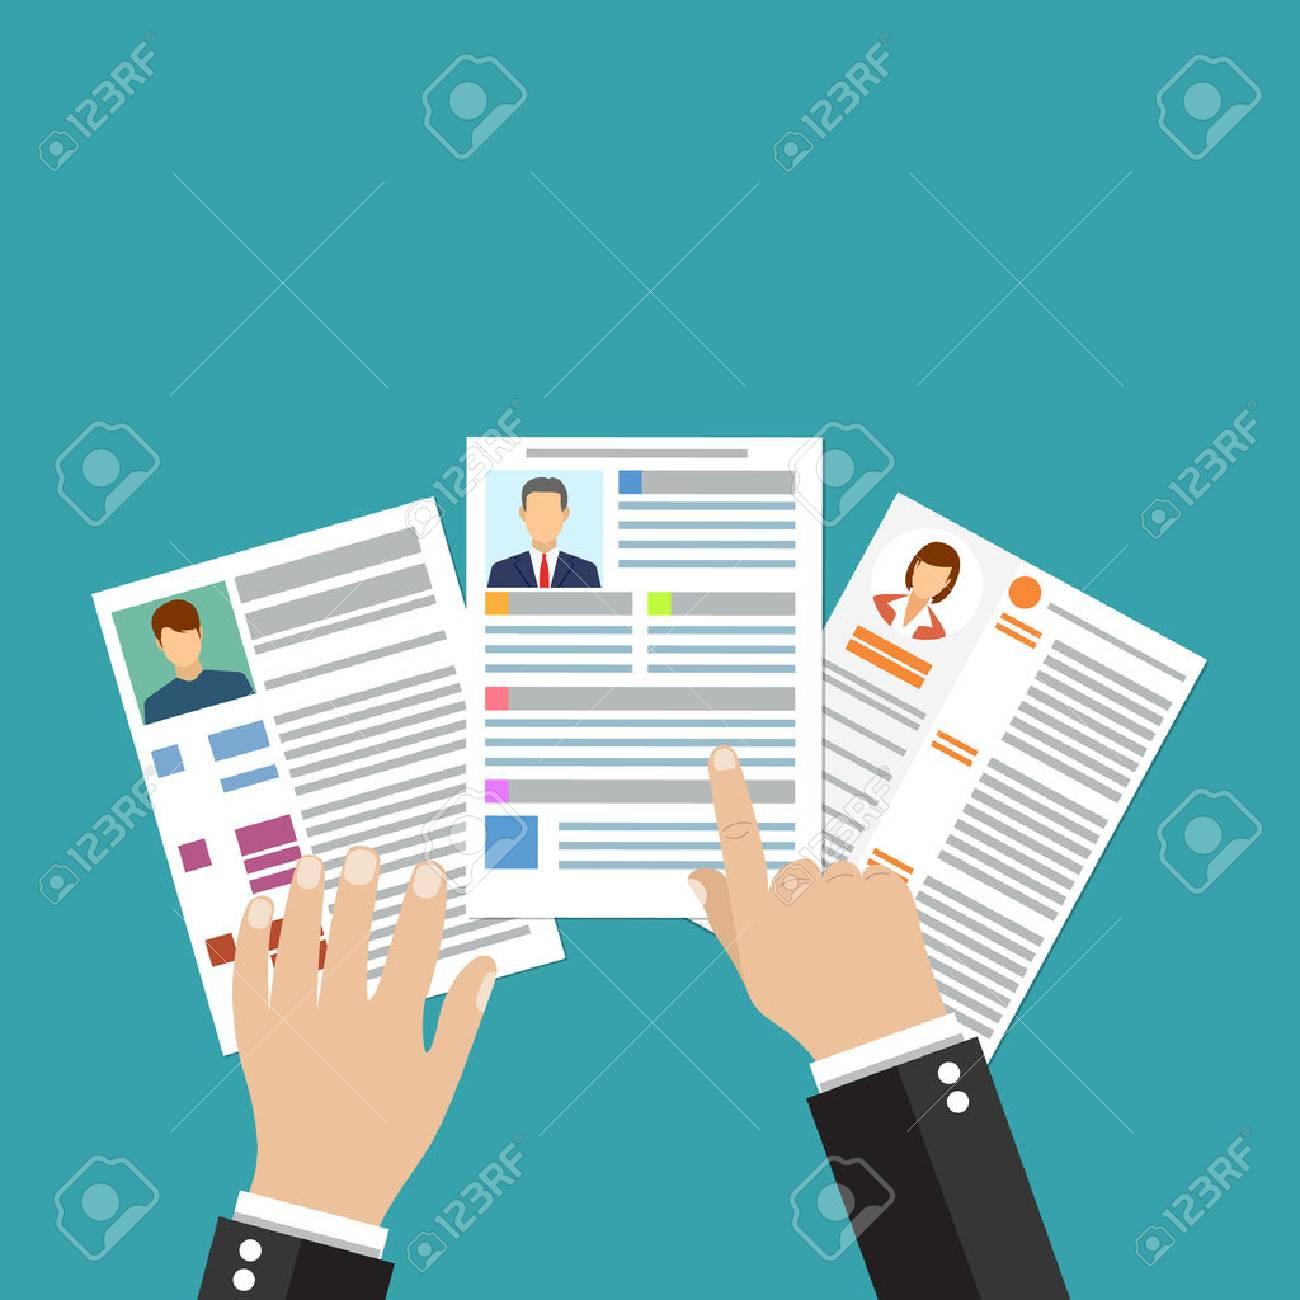 Cv Concepto De Curriculum Vitae Con Foto, Documentos. Contratación ...